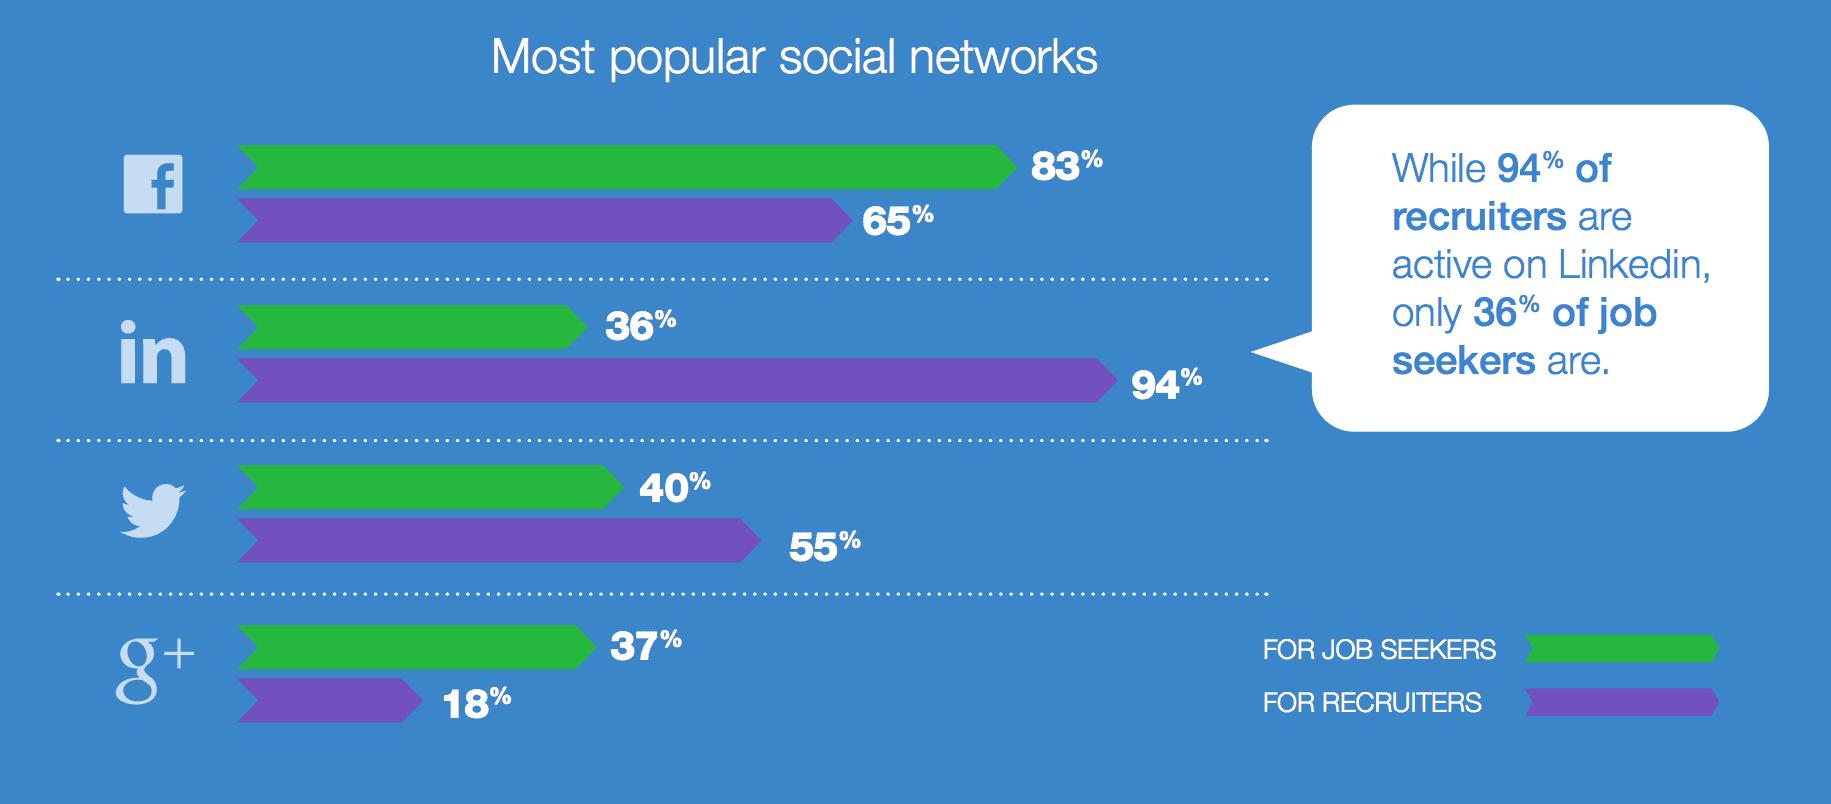 Jobvite social media study